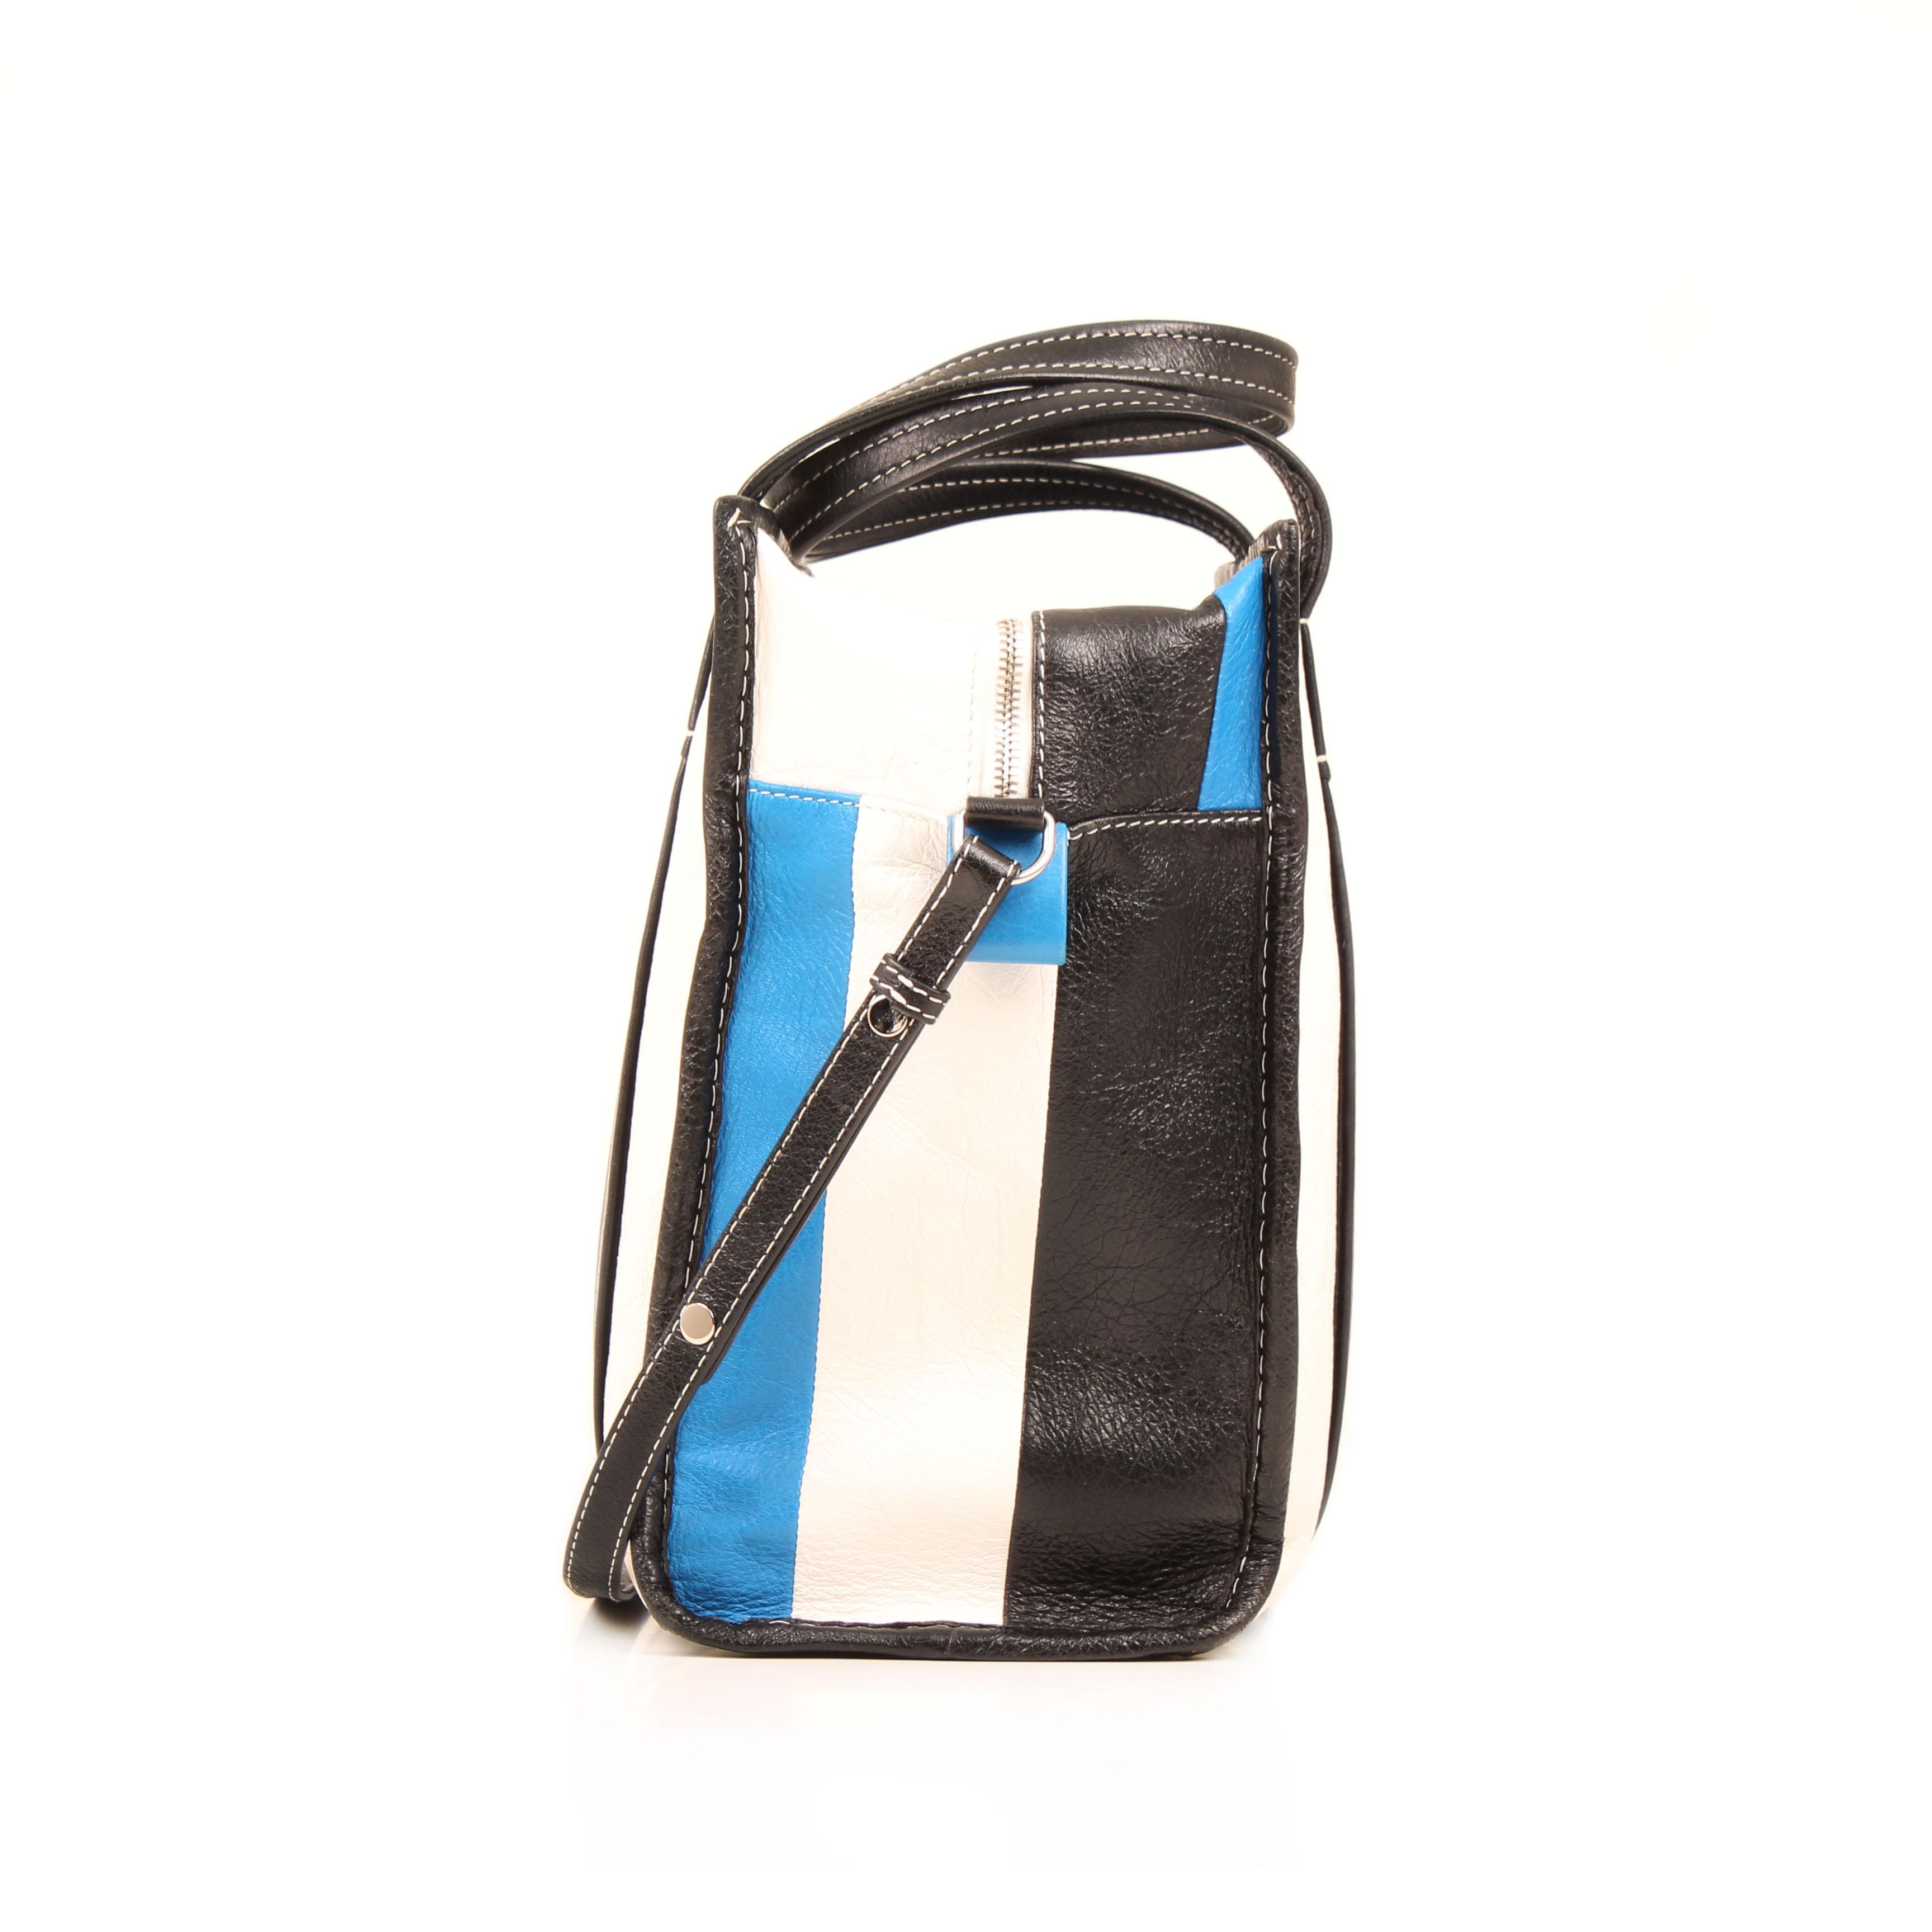 bolso balenciaga bazar shopper s arena rayado azul blanco negro piel lateral